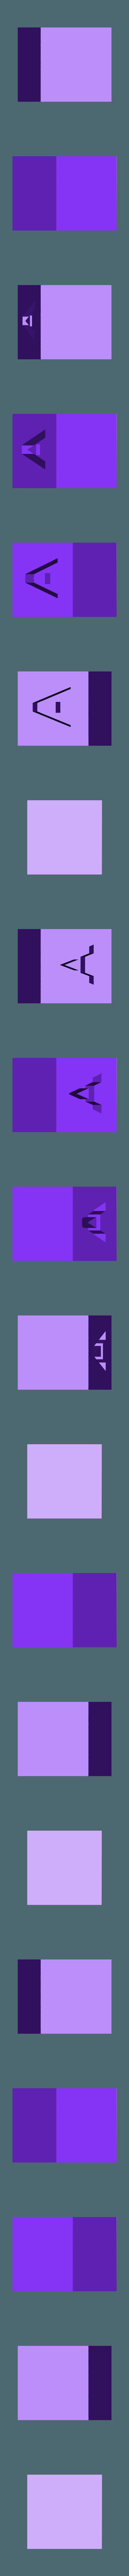 DONT_DOWNLOAD_ME.stl Télécharger fichier STL gratuit ANET E-10 Profil Simplify3D • Plan à imprimer en 3D, briandragtstra